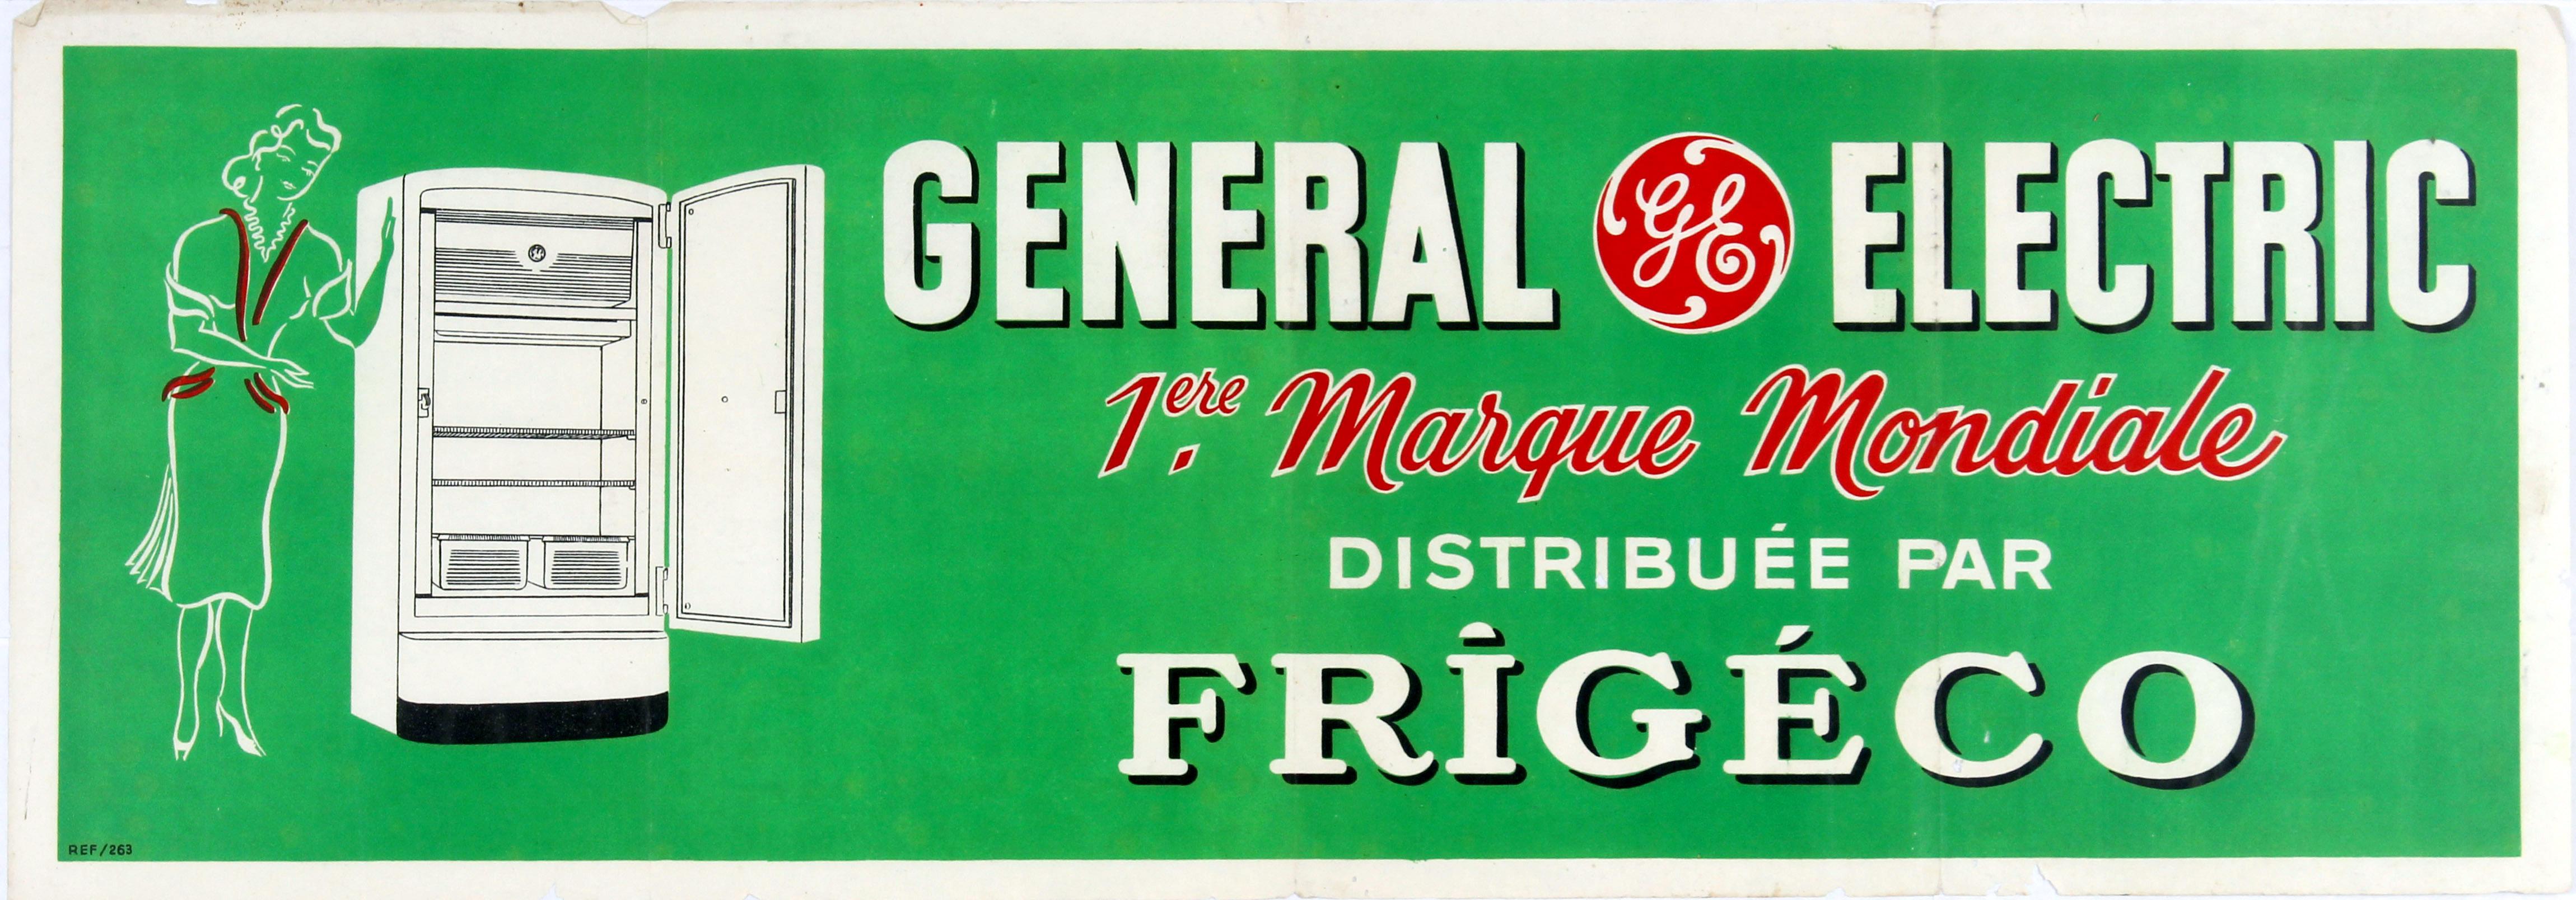 Advertising Poster General Electric Refridgerators